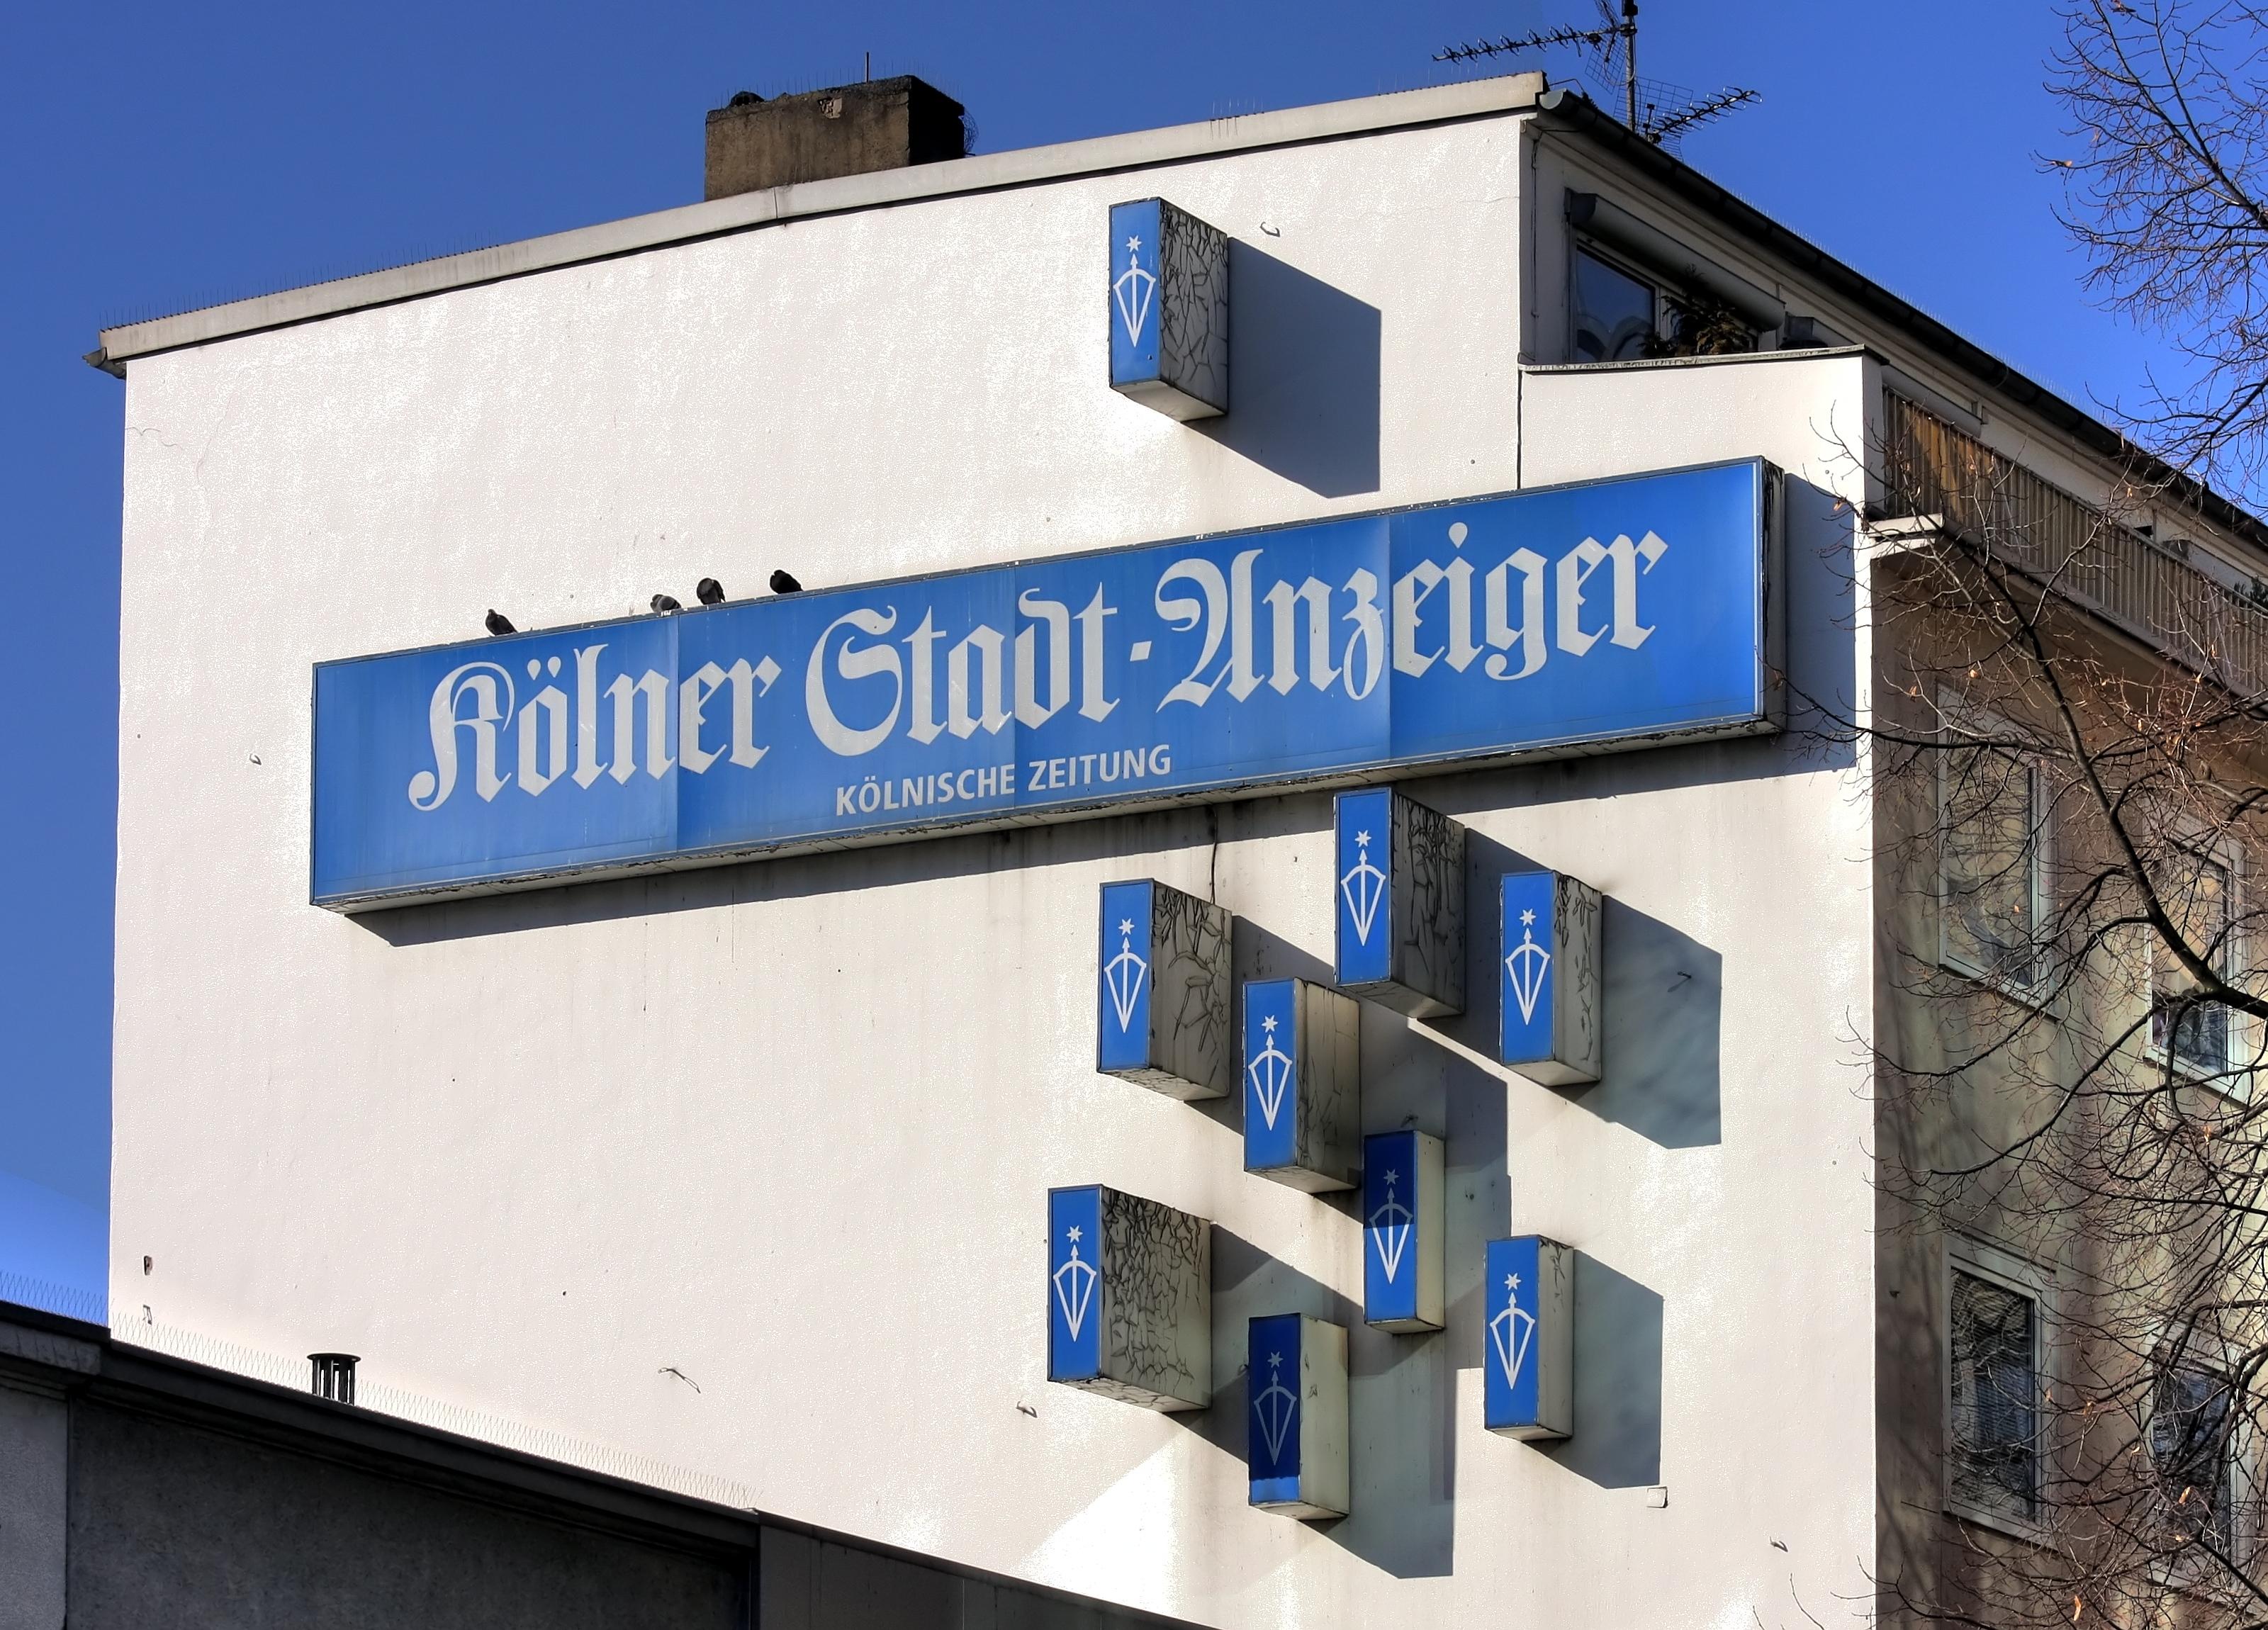 Koelner Stadtanzeiger 21-01-2014